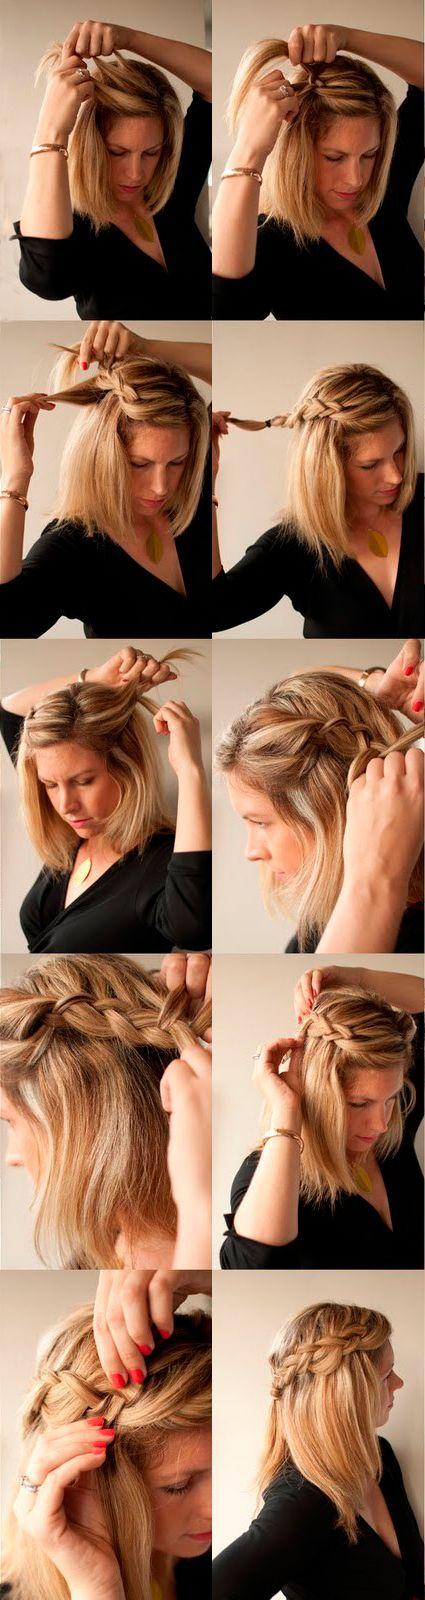 Быстрые и лёгкие причёски на каждый день для средних волос